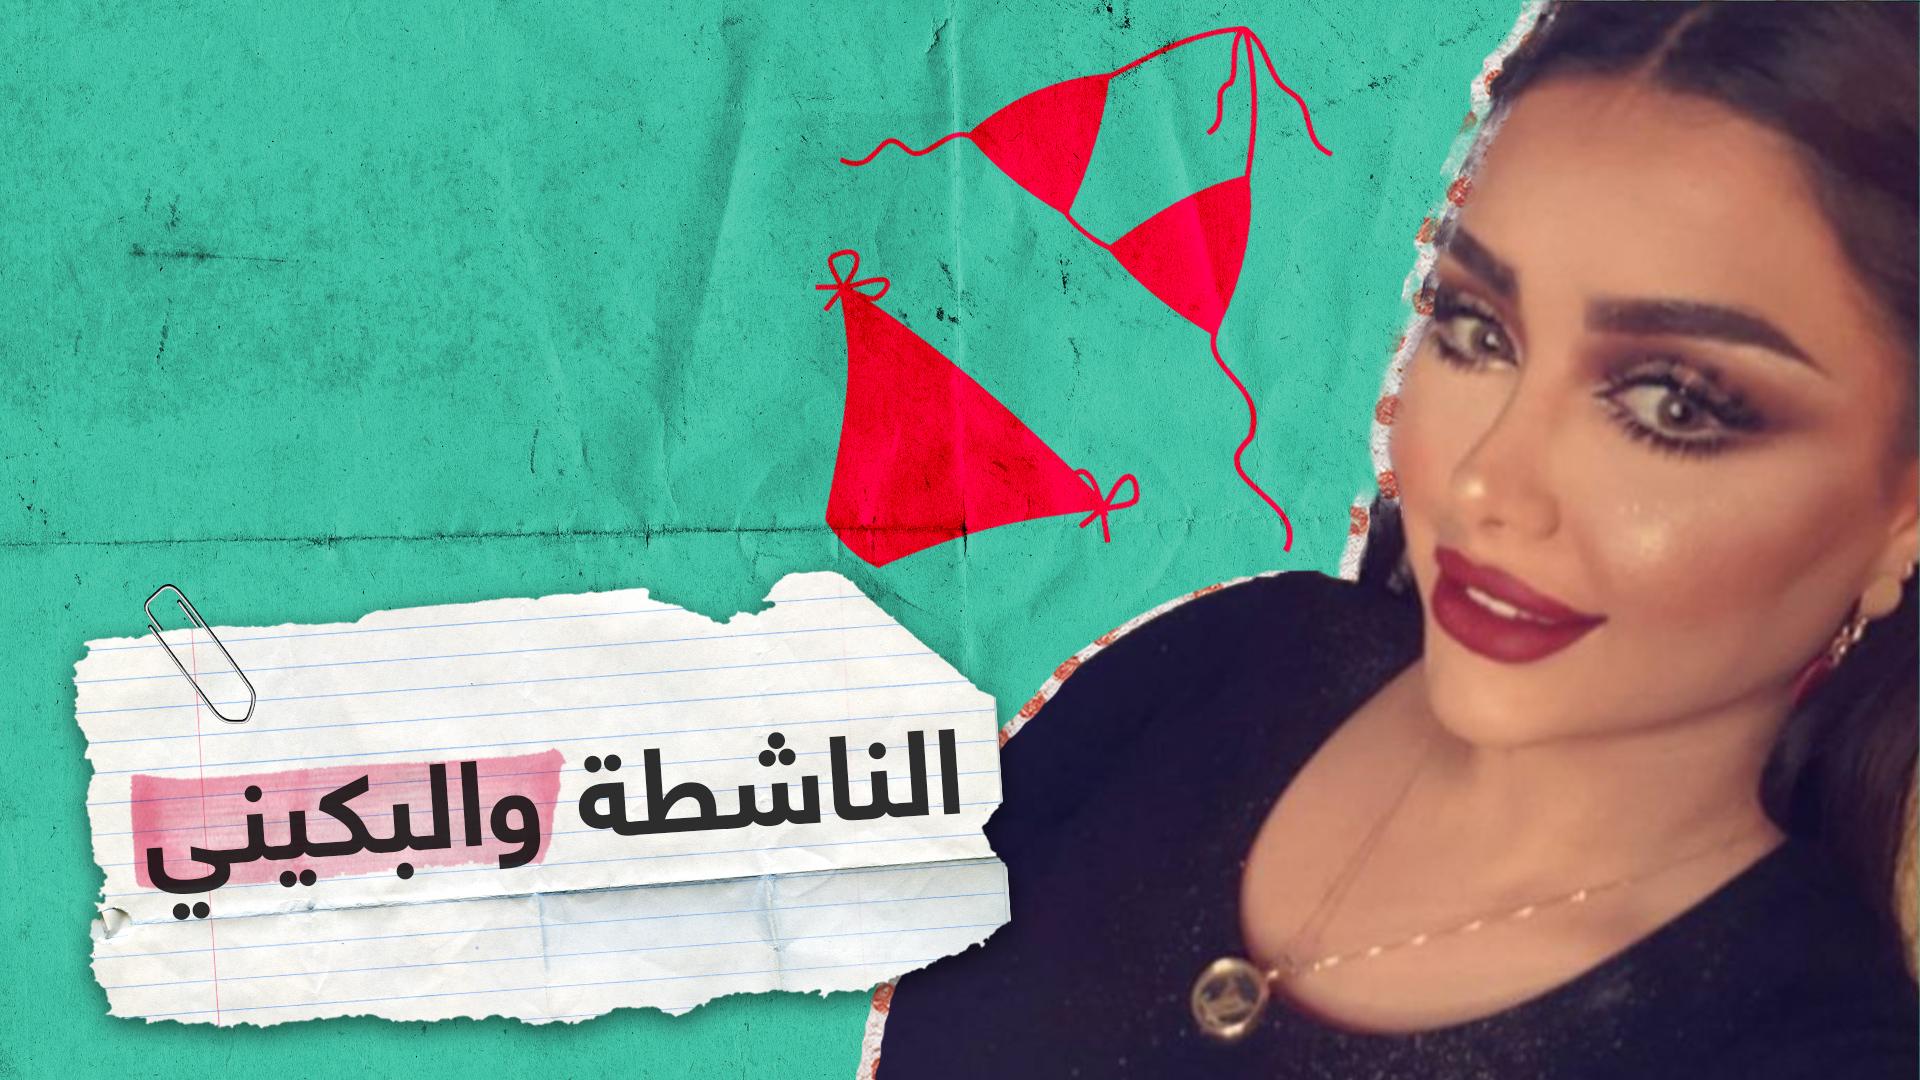 ناشطة كويتية ترفض المايوه للرجال من باب المساواة